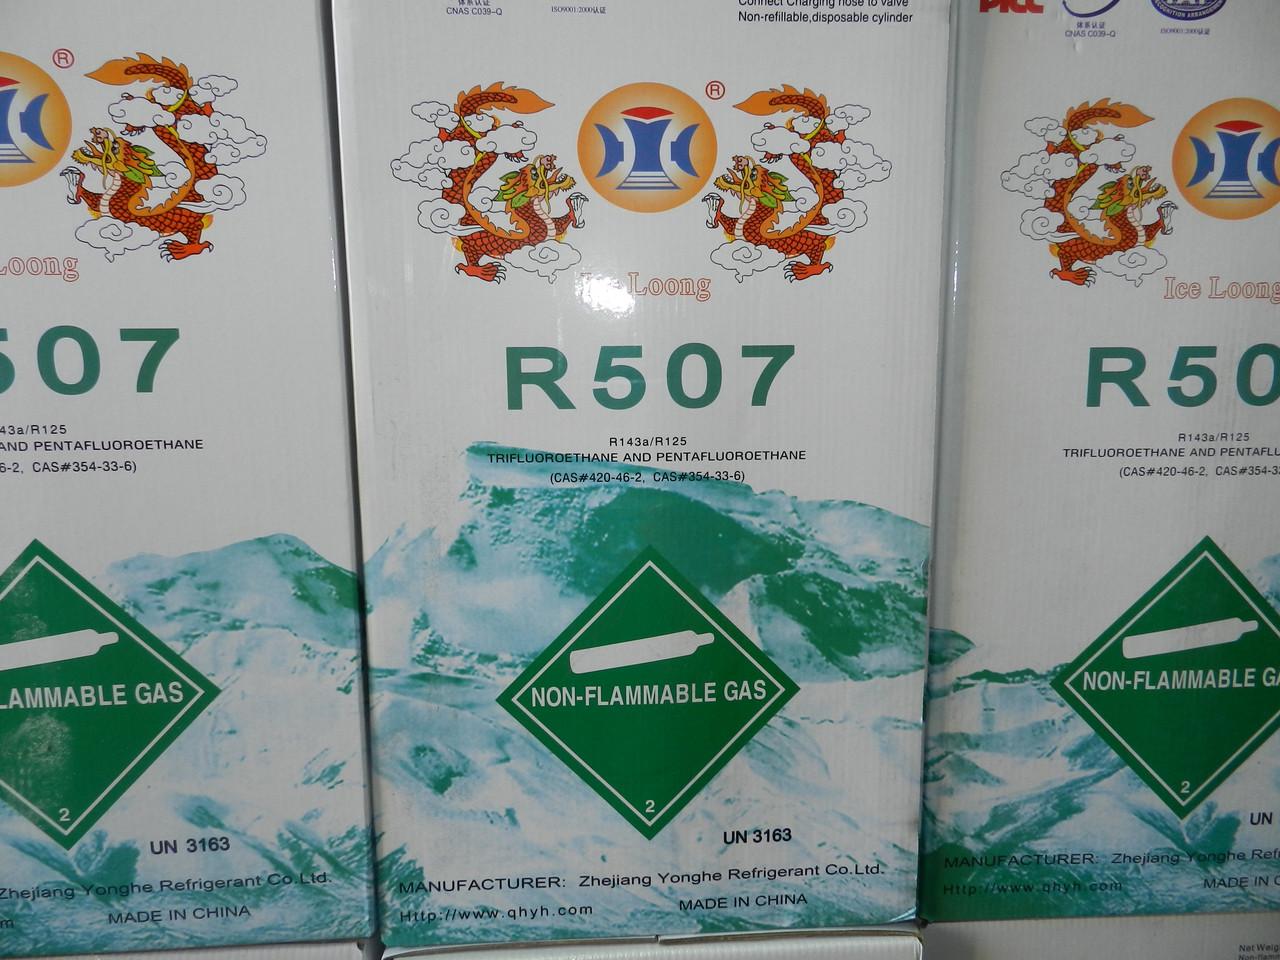 Фреон R507 Ice Loong (11.3 кг\баллон)